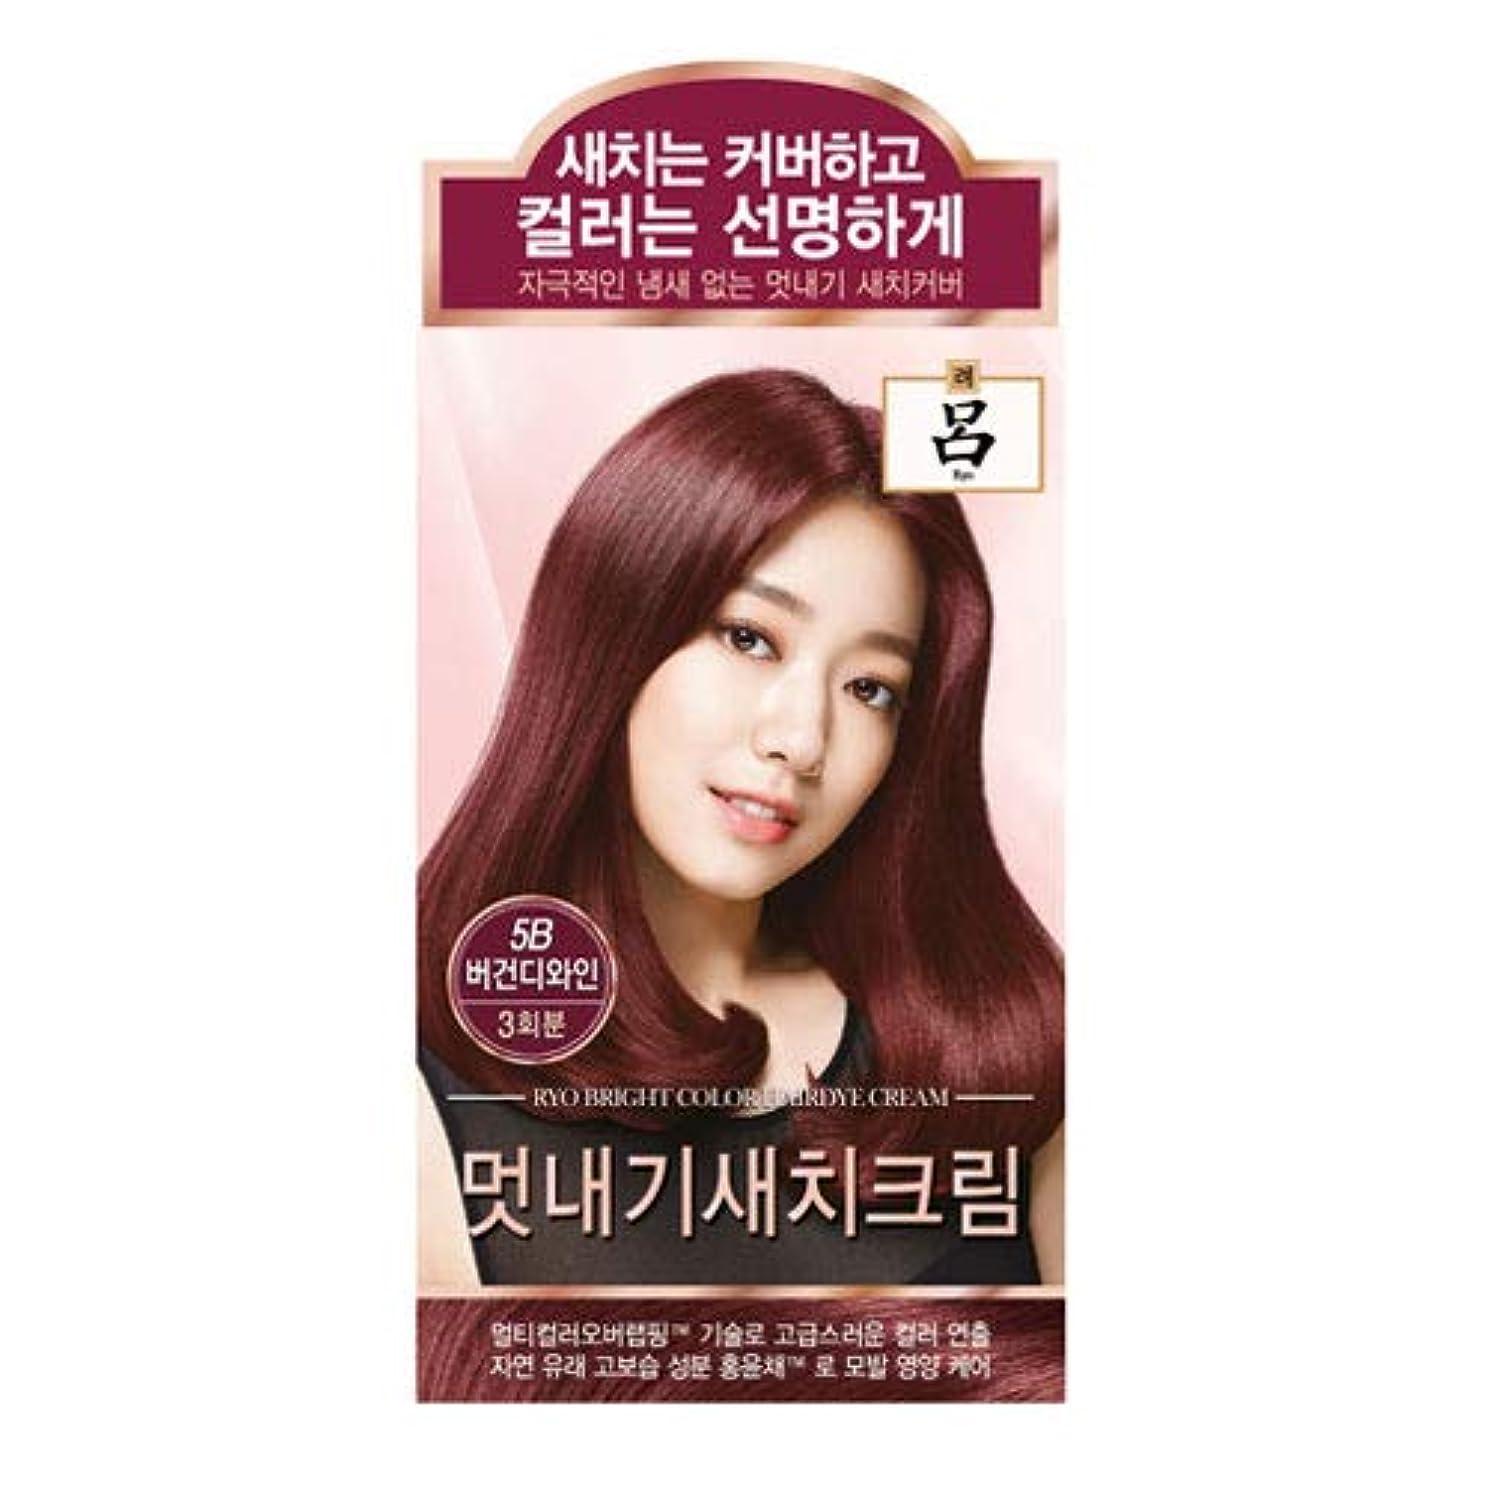 記録非難する俳句アモーレパシフィック呂[AMOREPACIFIC/Ryo] ブライトカラーヘアダイクリーム 5B ブルゴーニュワイン/Bright Color Hairdye Cream 5B Burgundy Wine